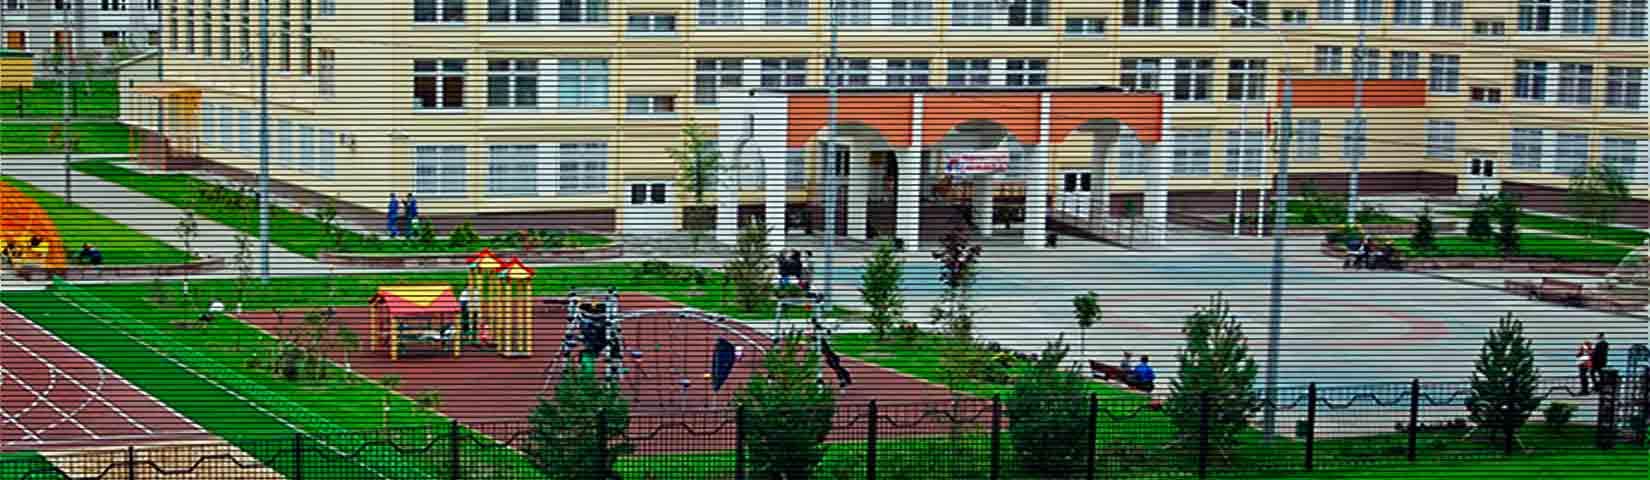 Установка видеонаблюдения в школе